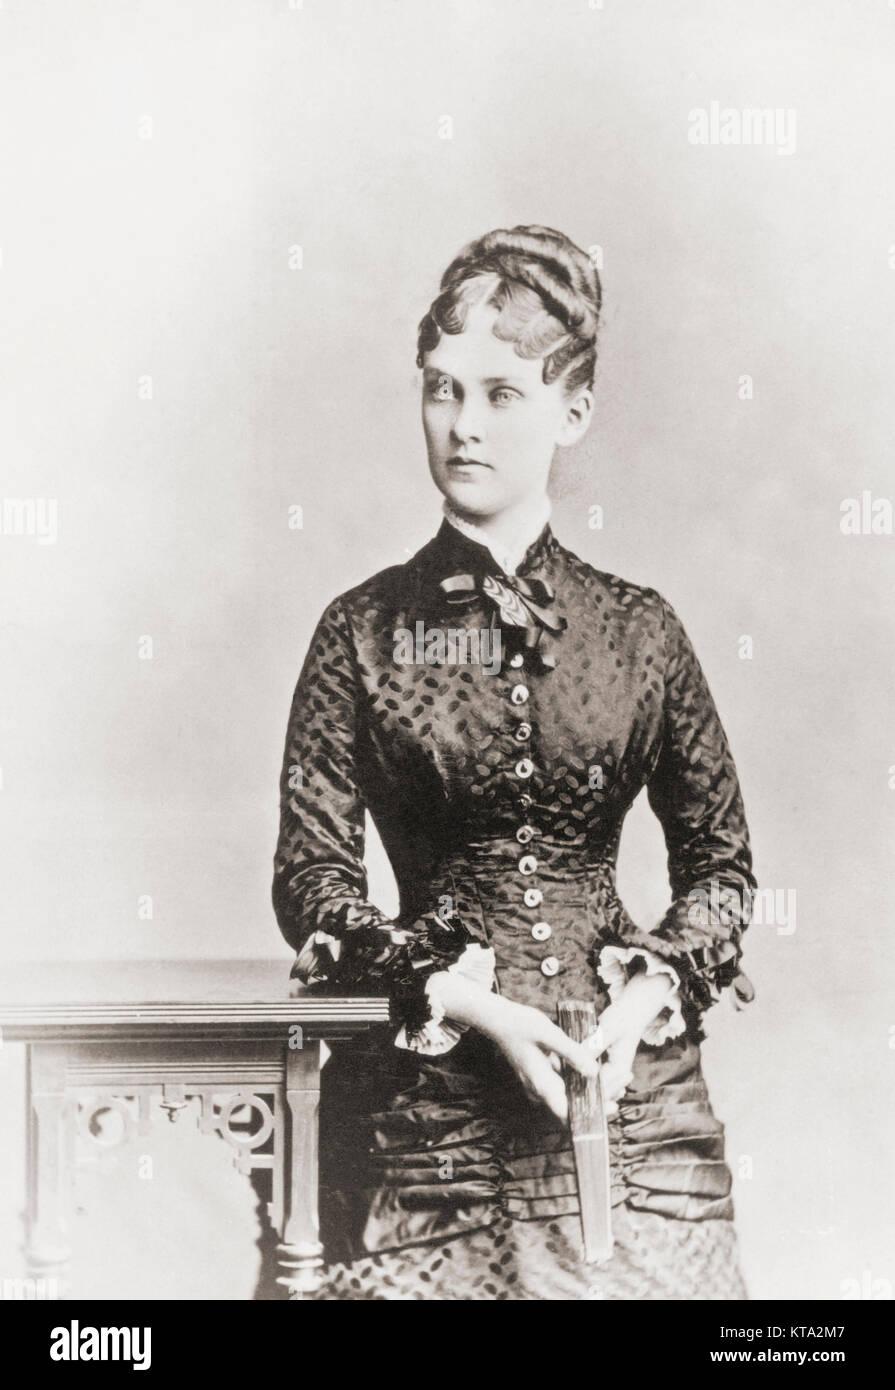 Alice Lee Roosevelt Longworth (1884-1980) - Find A Grave Memorial Alice lee roosevelt pictures